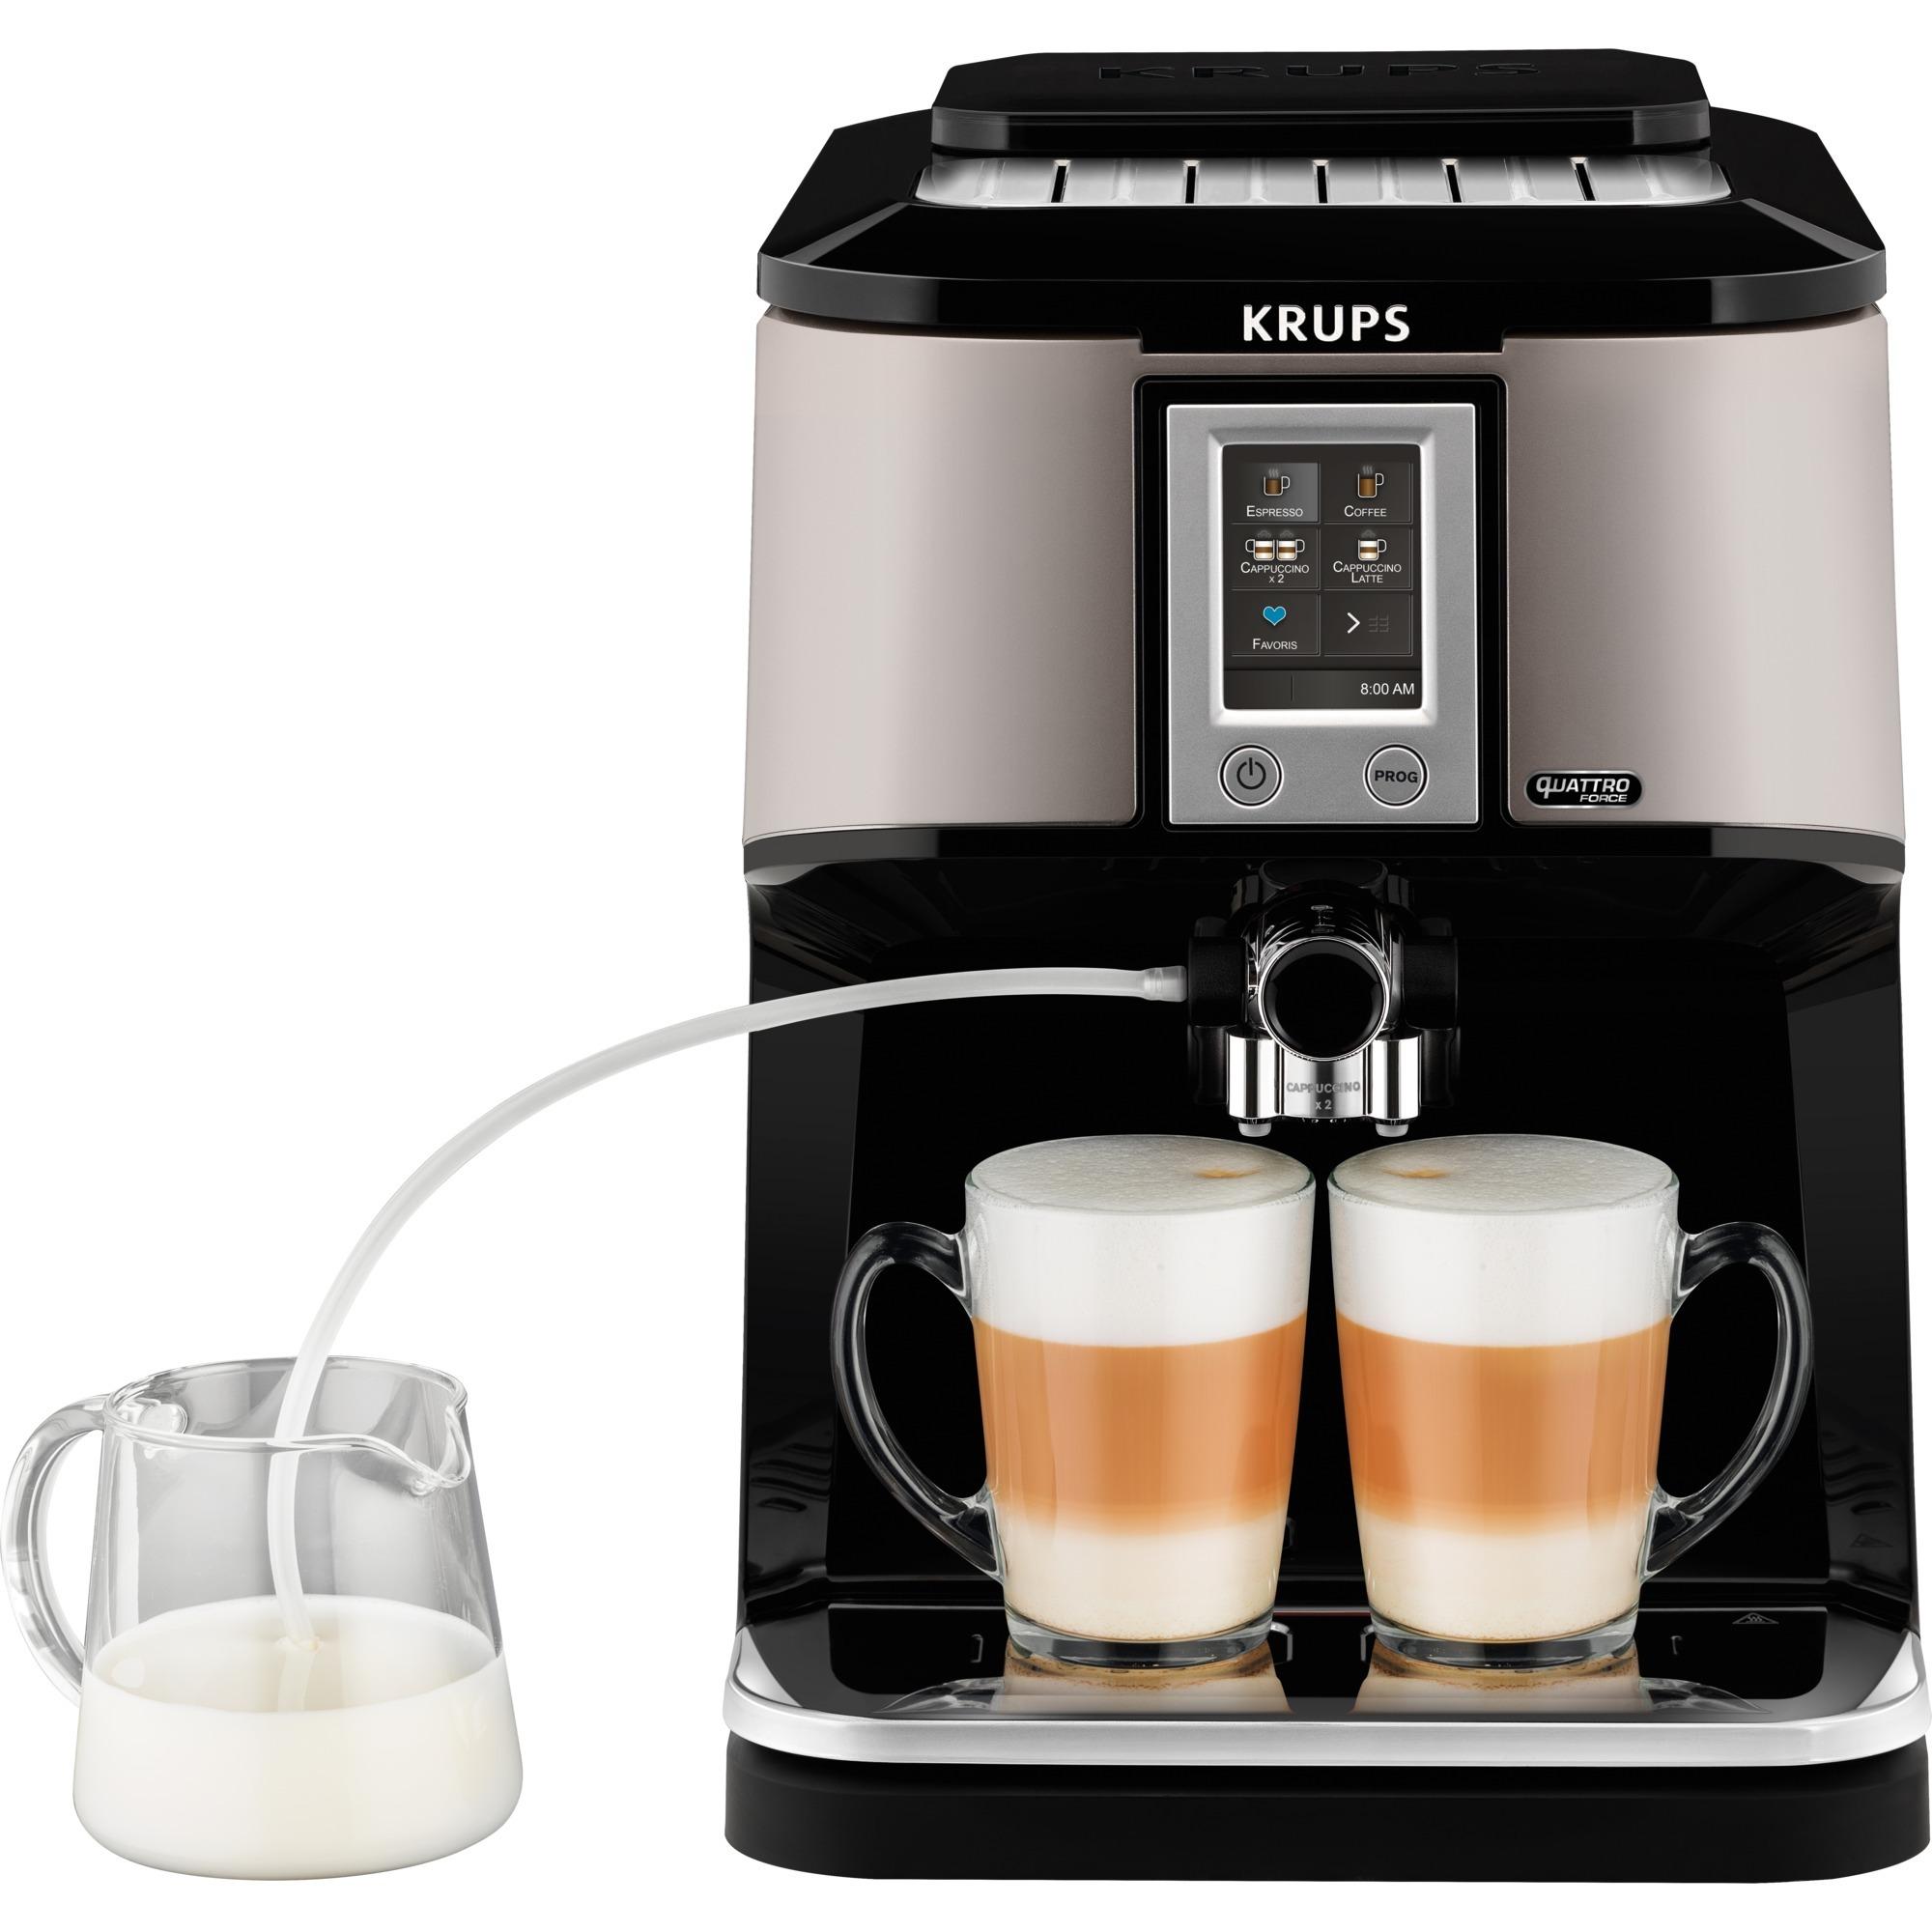 EA880E cafetera eléctrica Independiente Máquina espresso Plata 1,7 L 12 tazas Totalmente automática, Superautomática